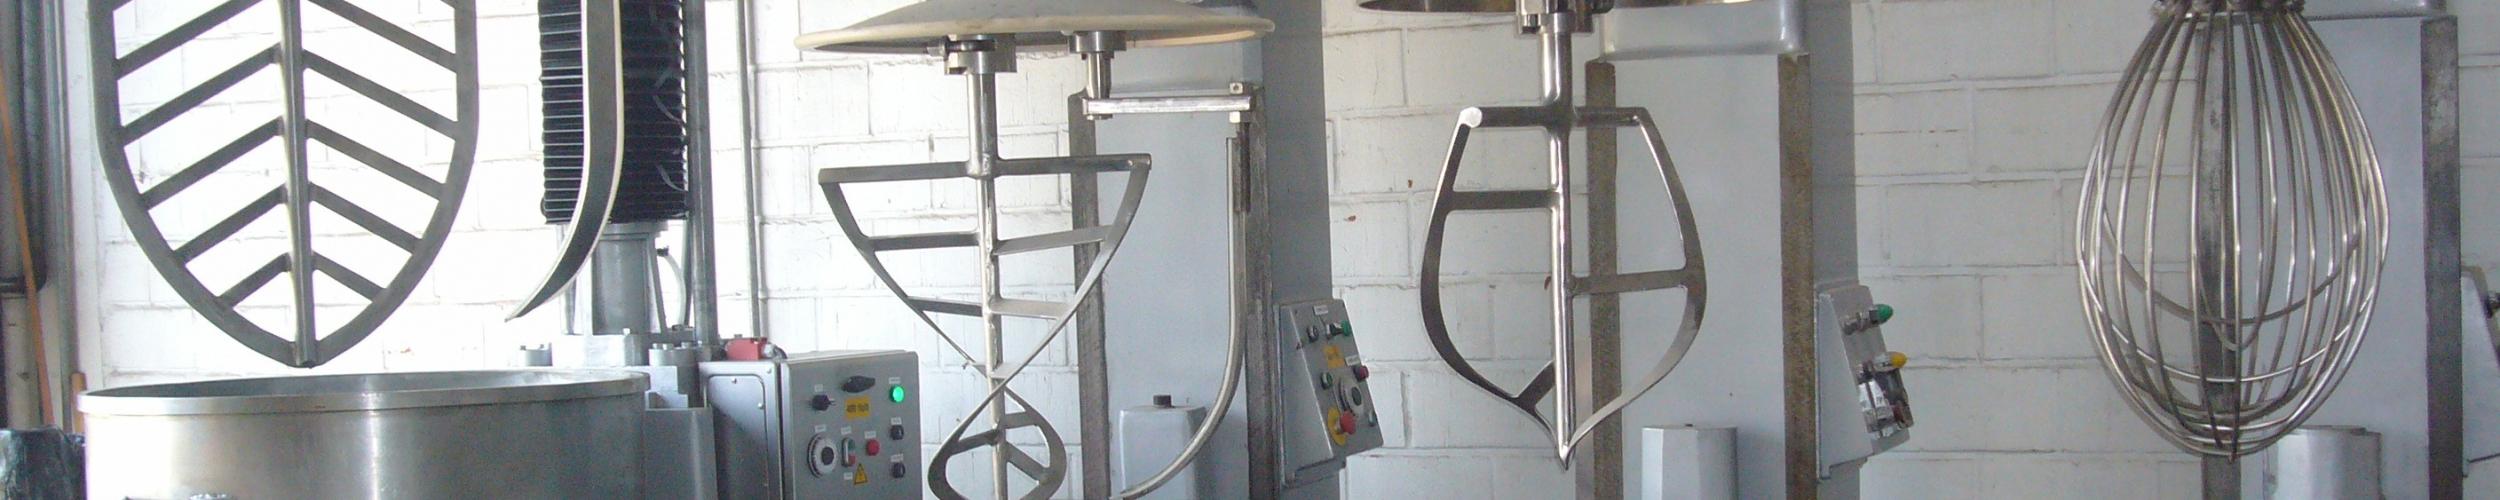 Industriele ovens en mengers tweedehands